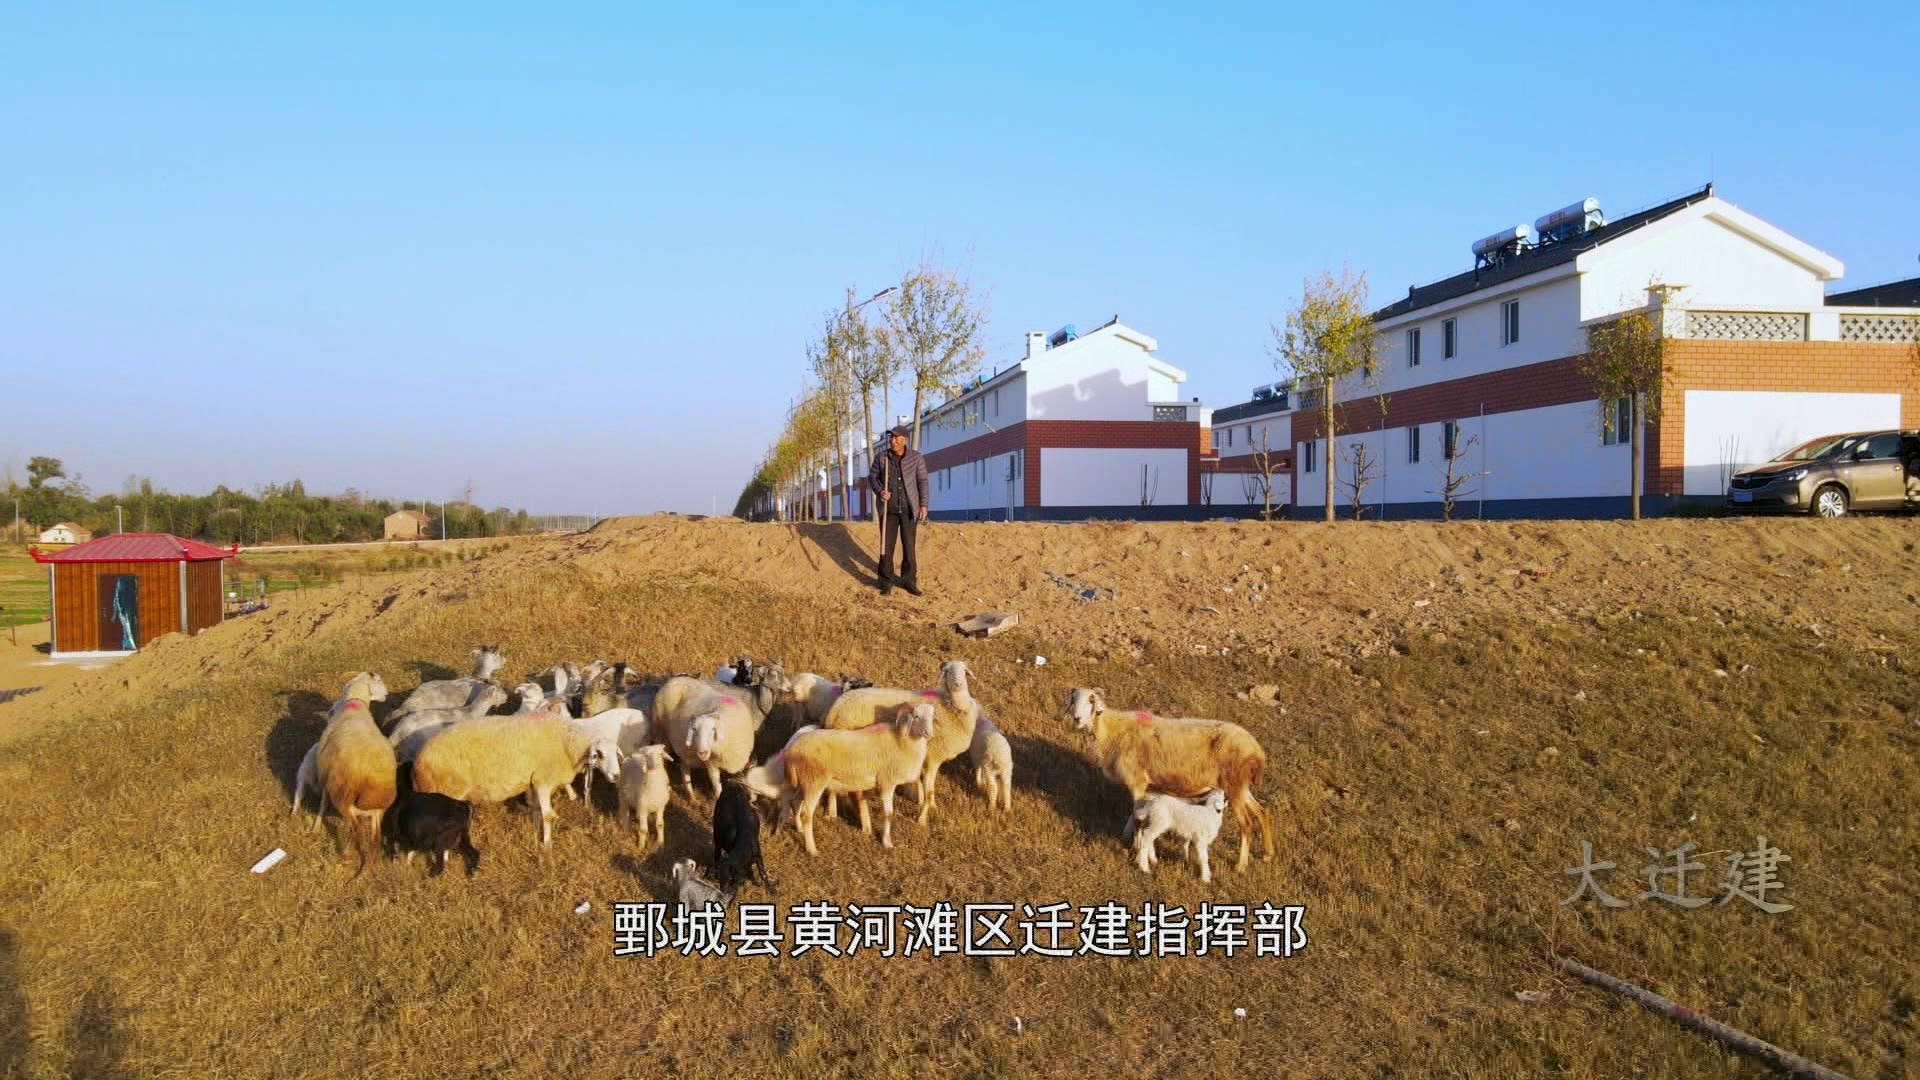 """大迁建 黄河滩区羊倌儿住进""""二层小楼"""" 无处安家的羊群有了着落"""